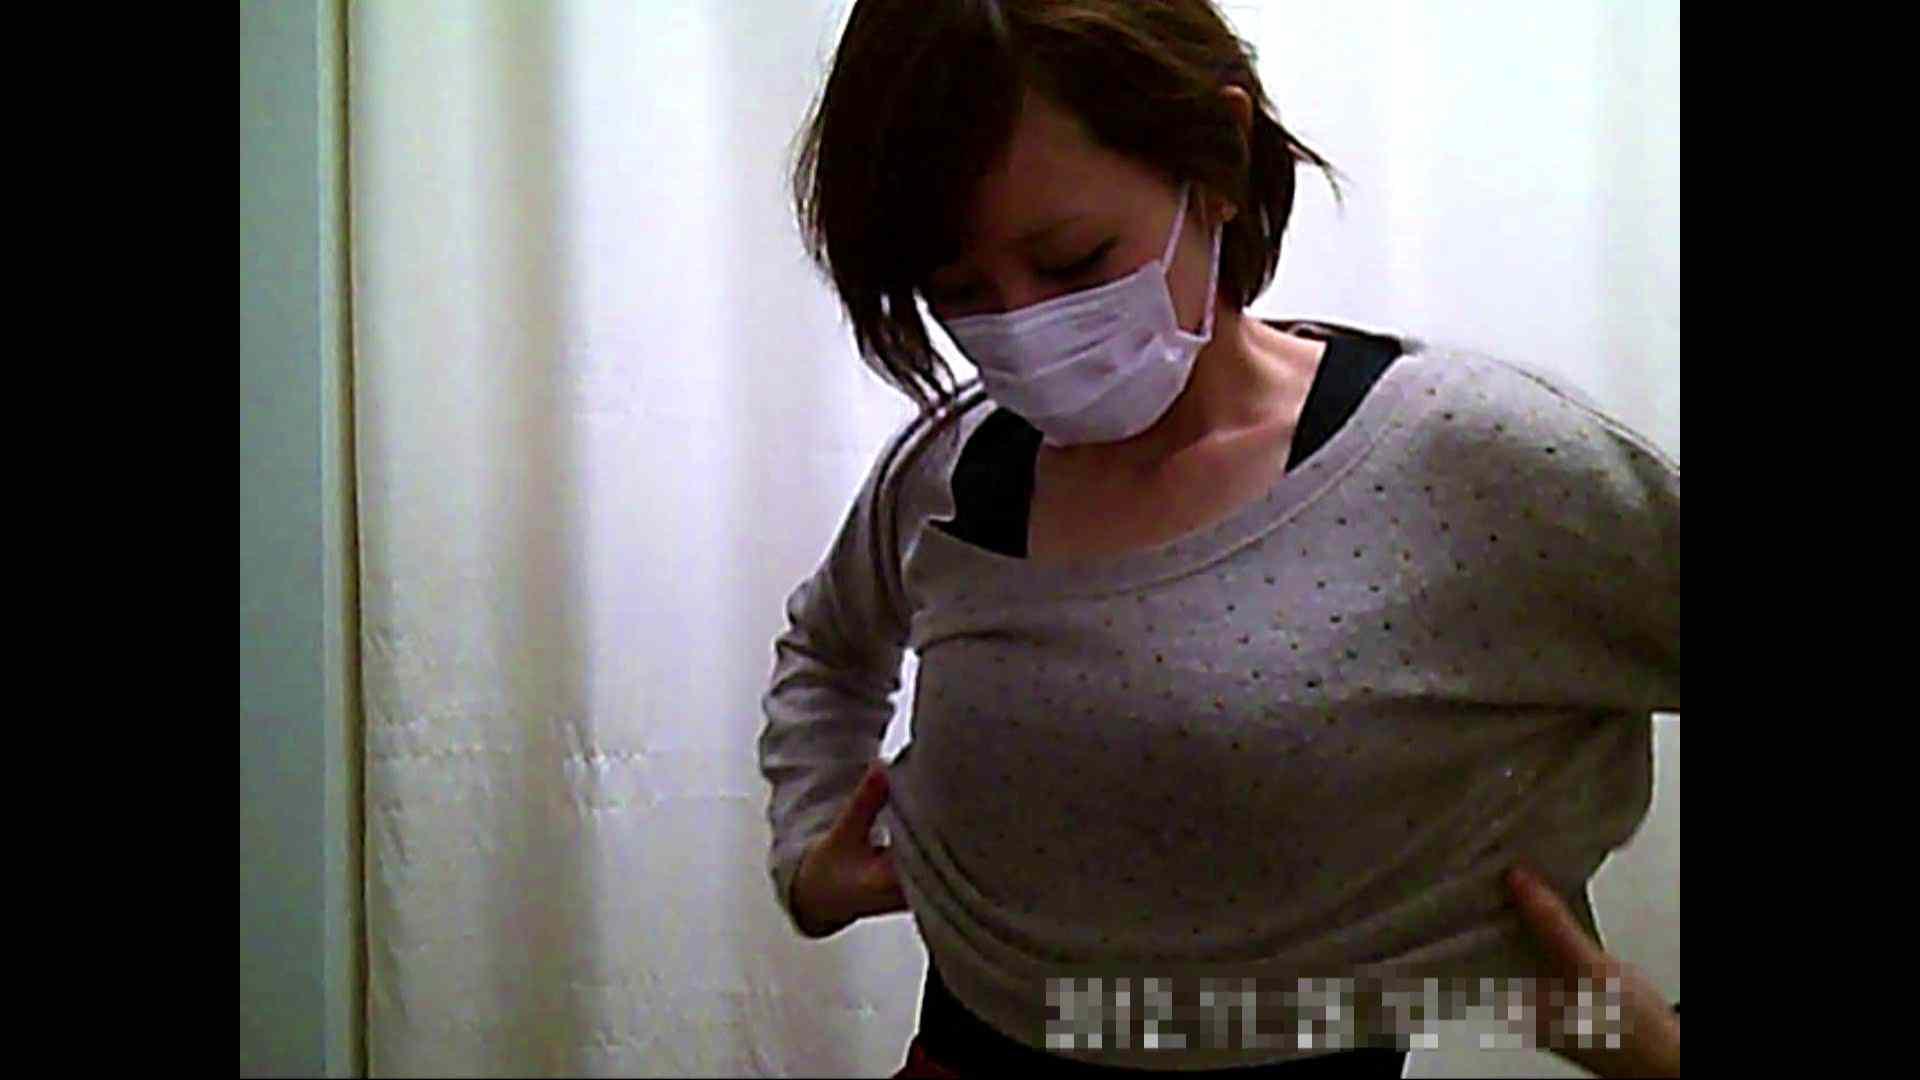 病院おもいっきり着替え! vol.159 OLセックス | 乳首ポロリ  106画像 78